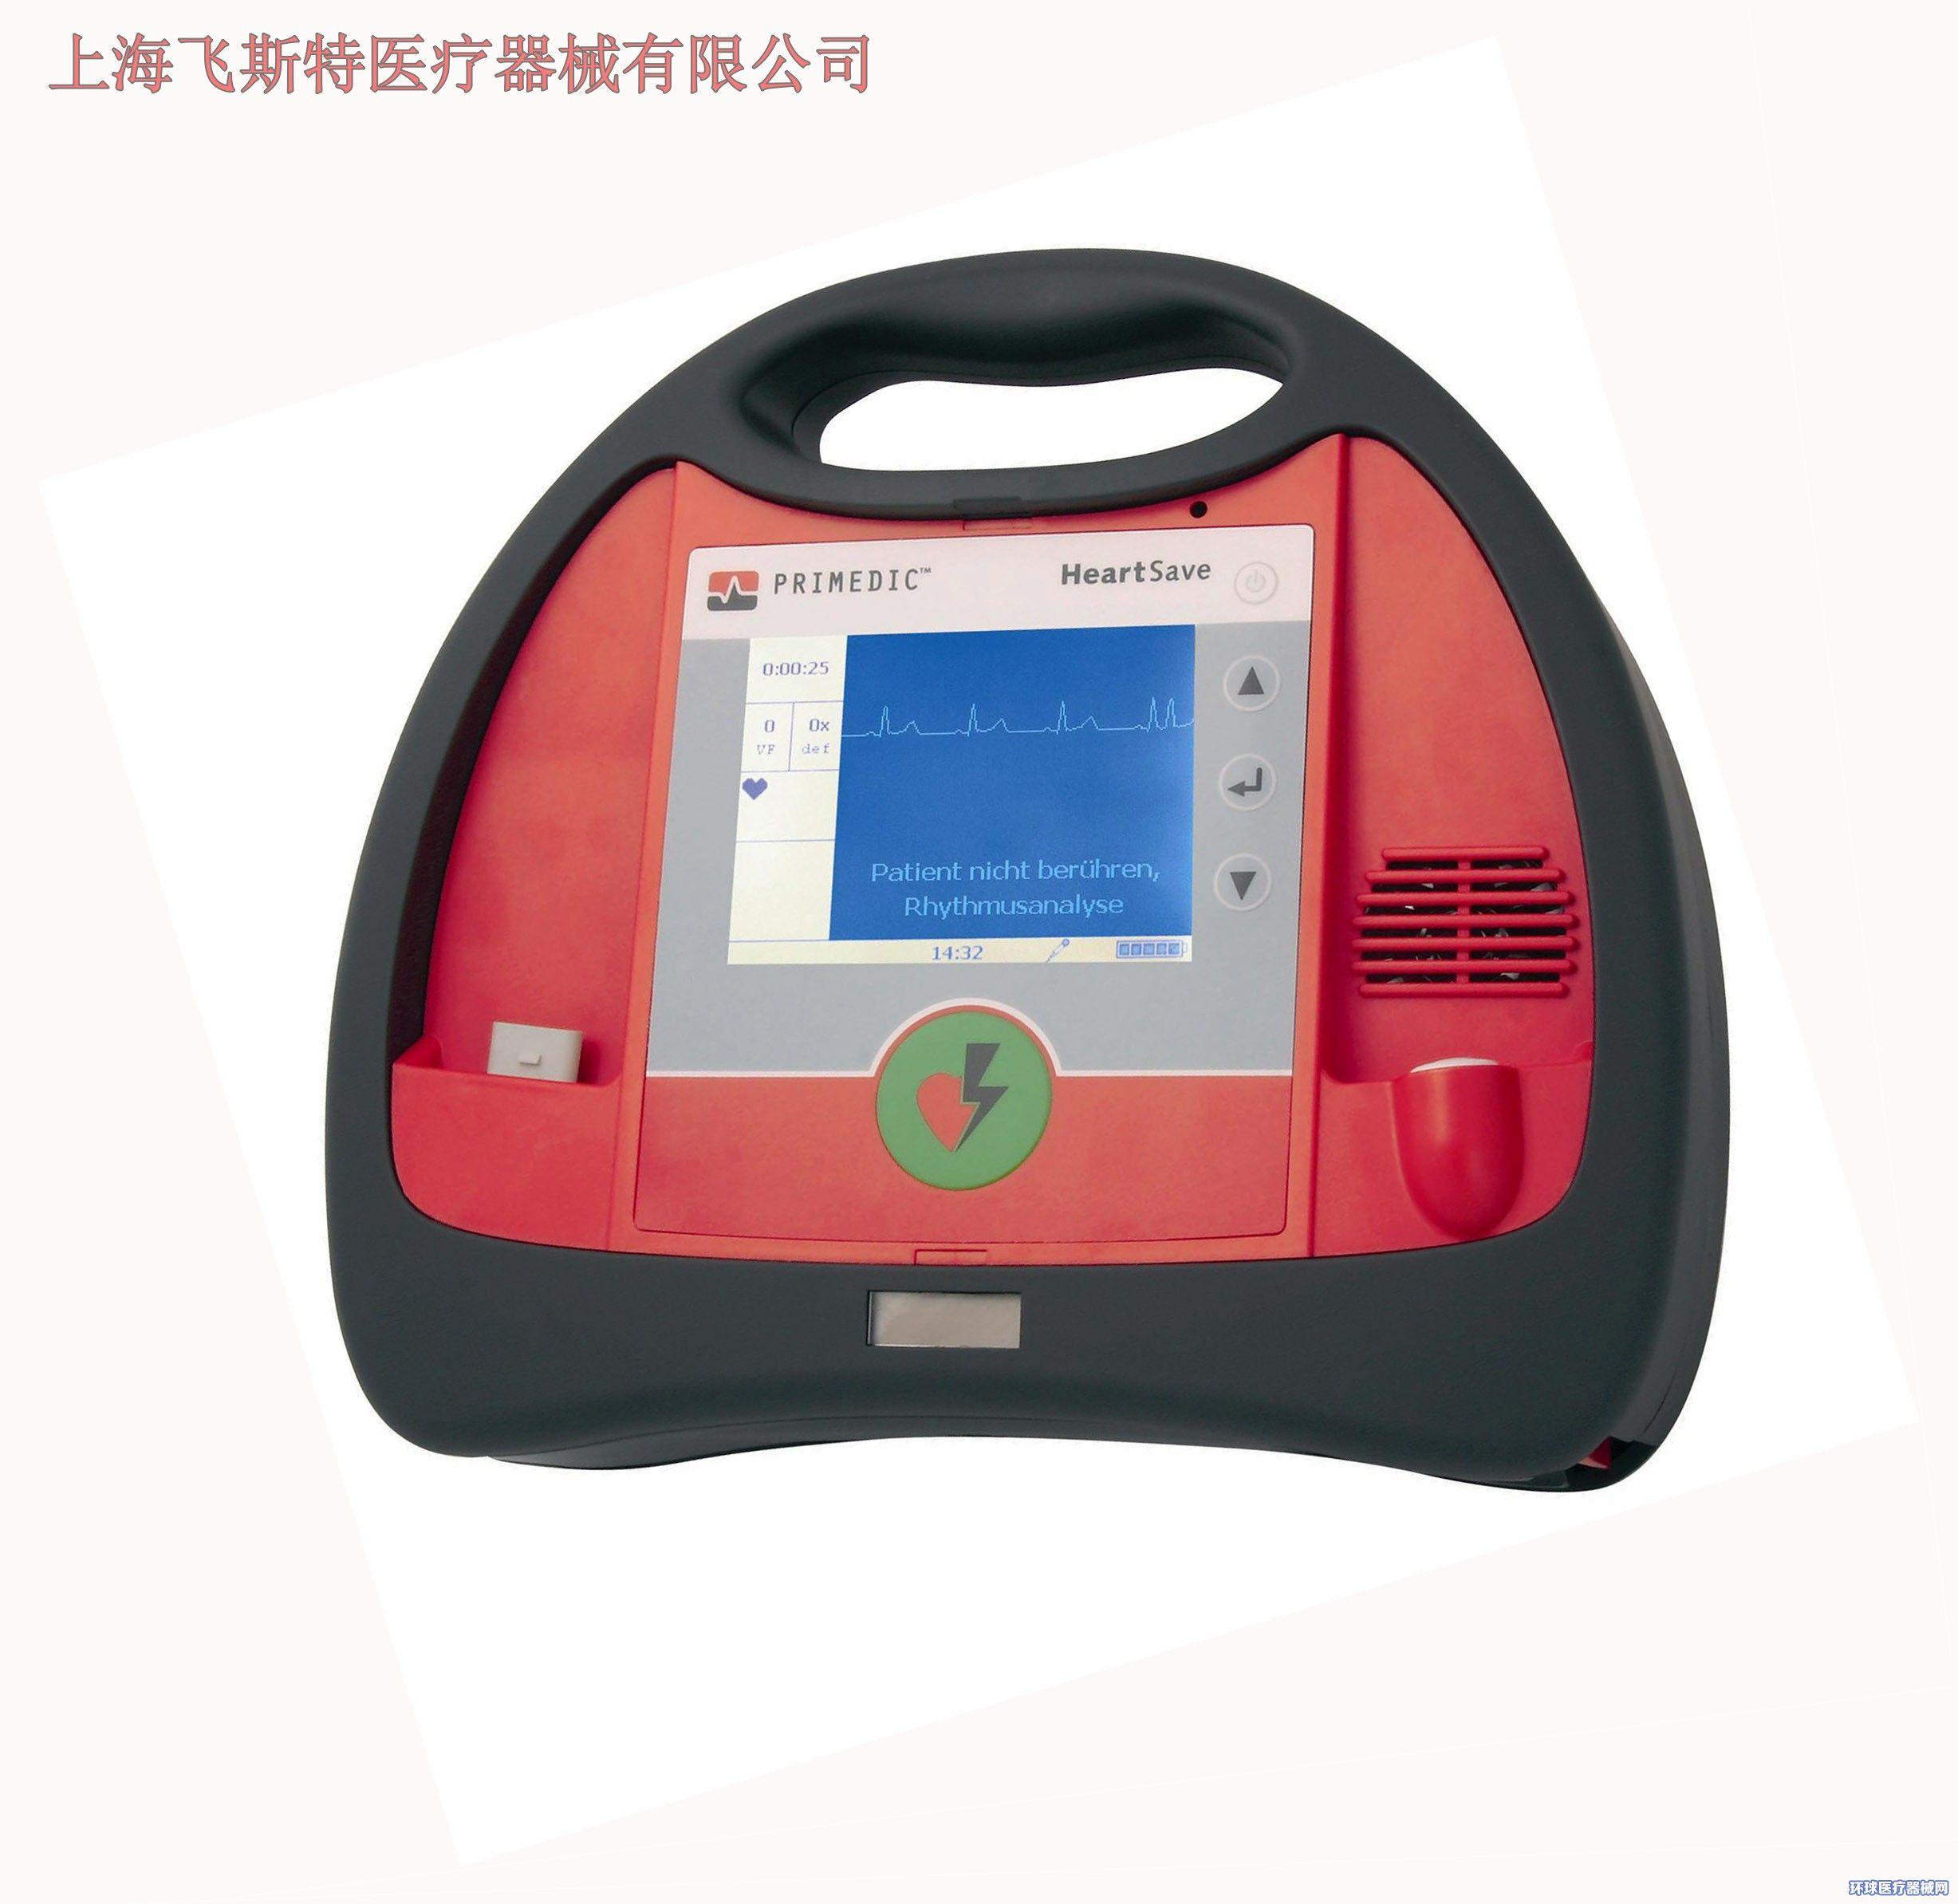 德国普美康自动体外除颤仪心脏除颤器AED系列